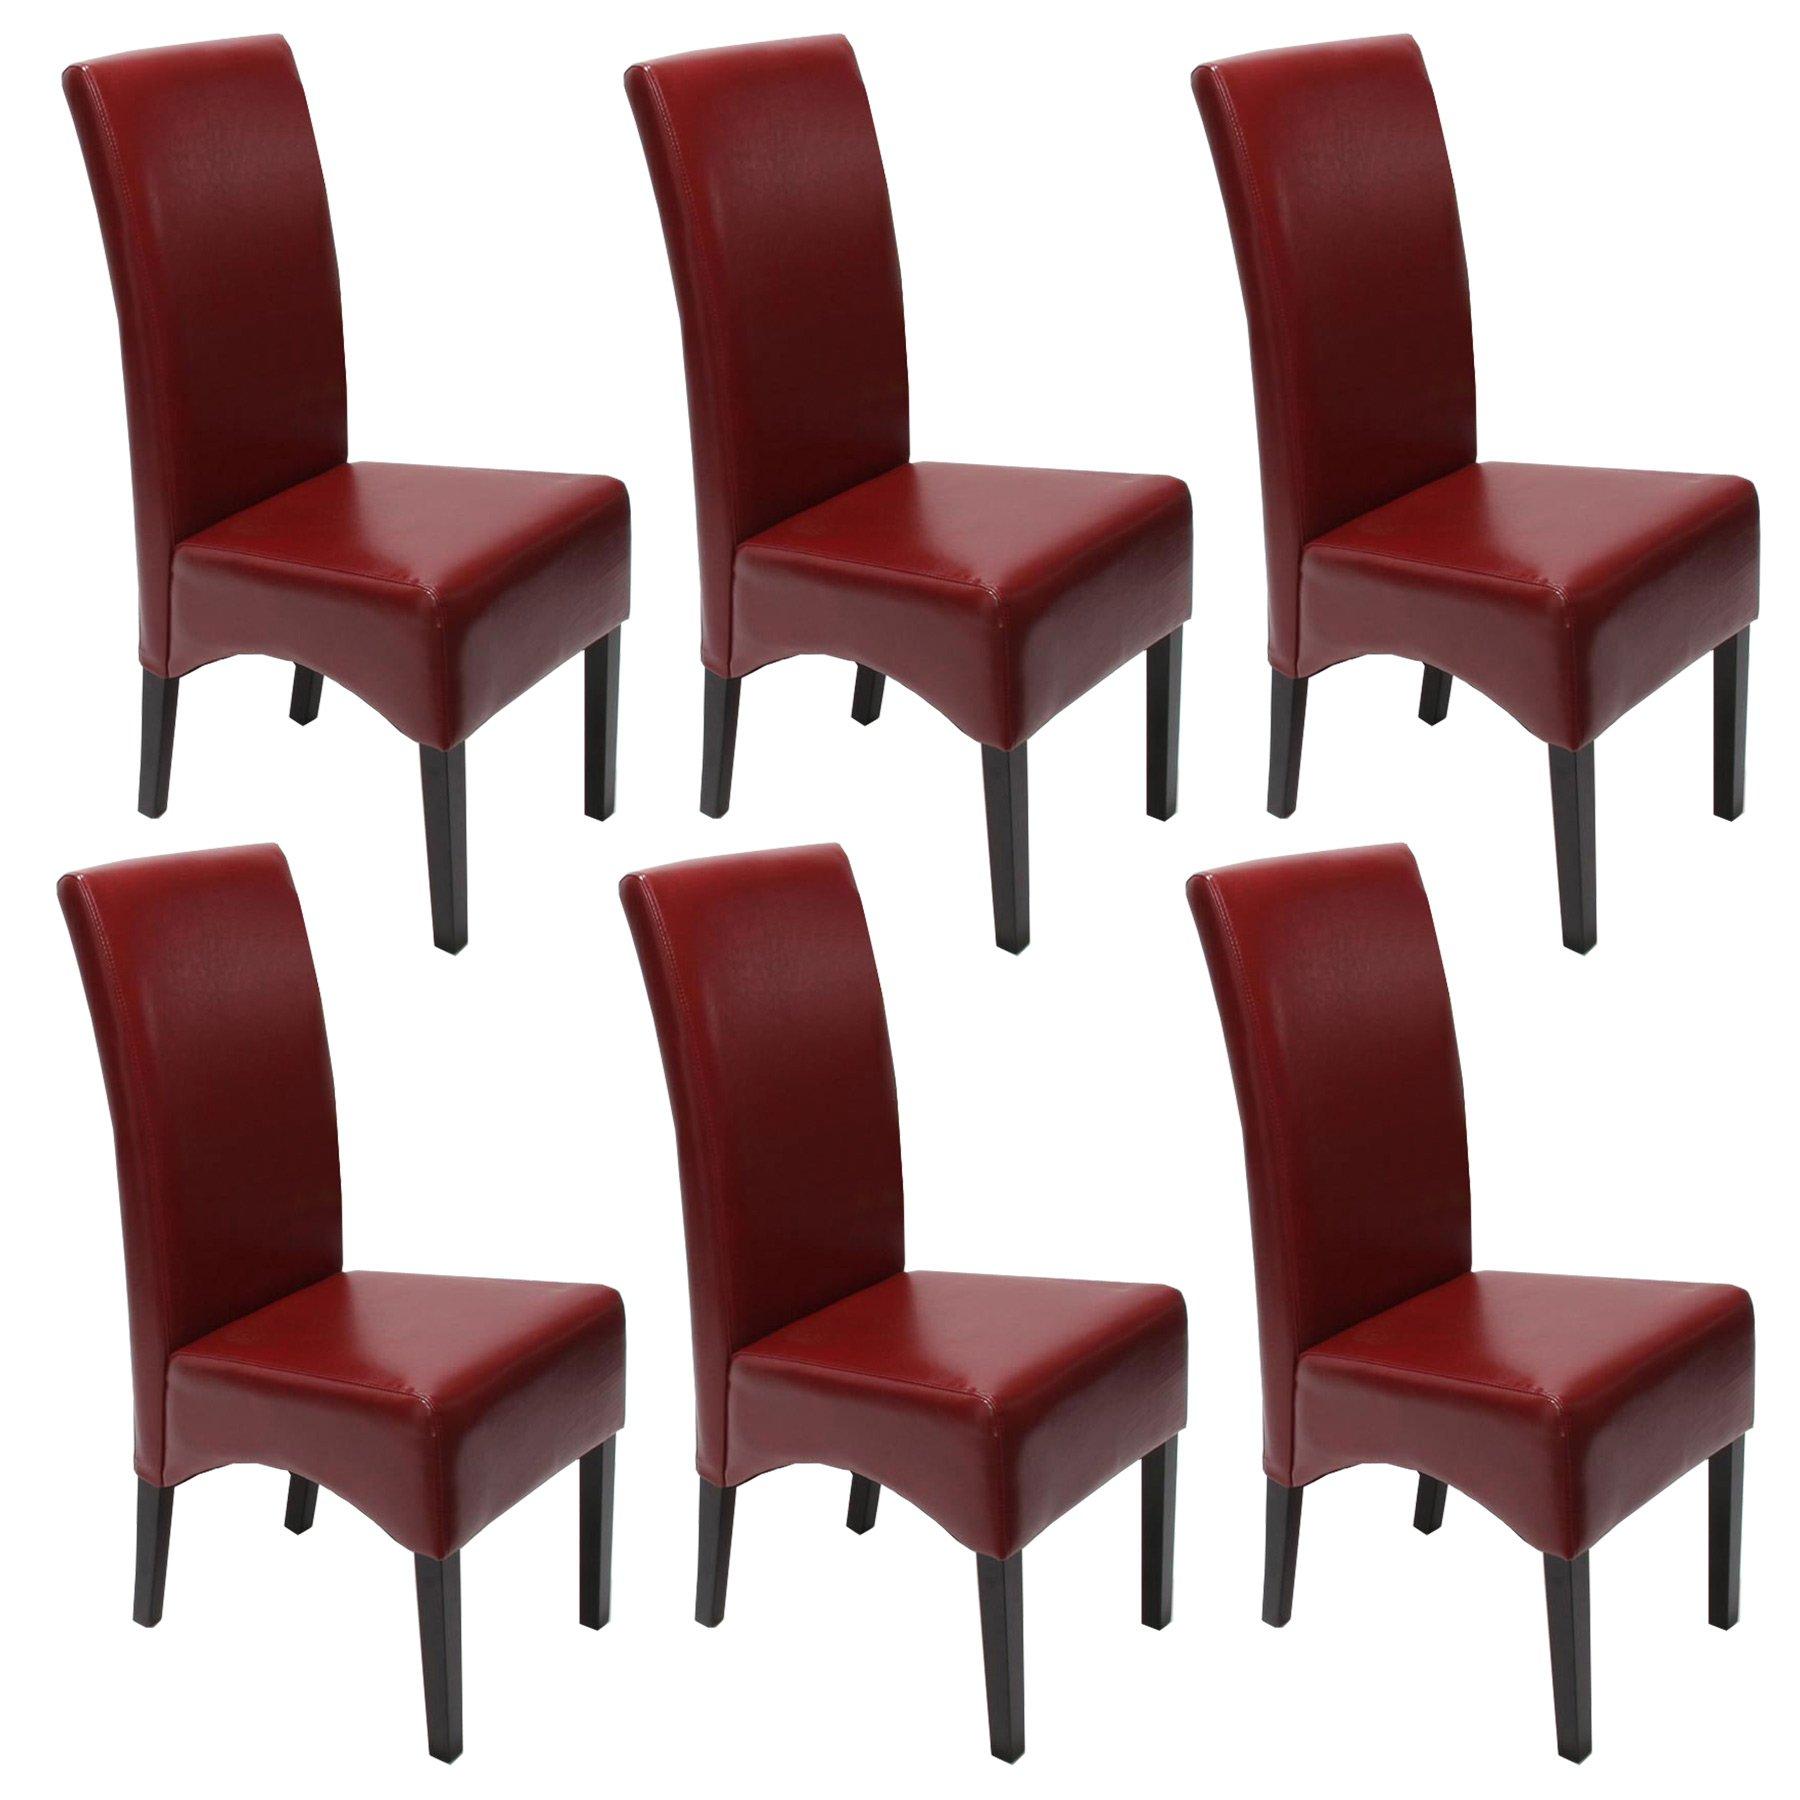 Lote 6 sillas de comedor latina en piel genuina burdeos y for Sillas de piel para comedor